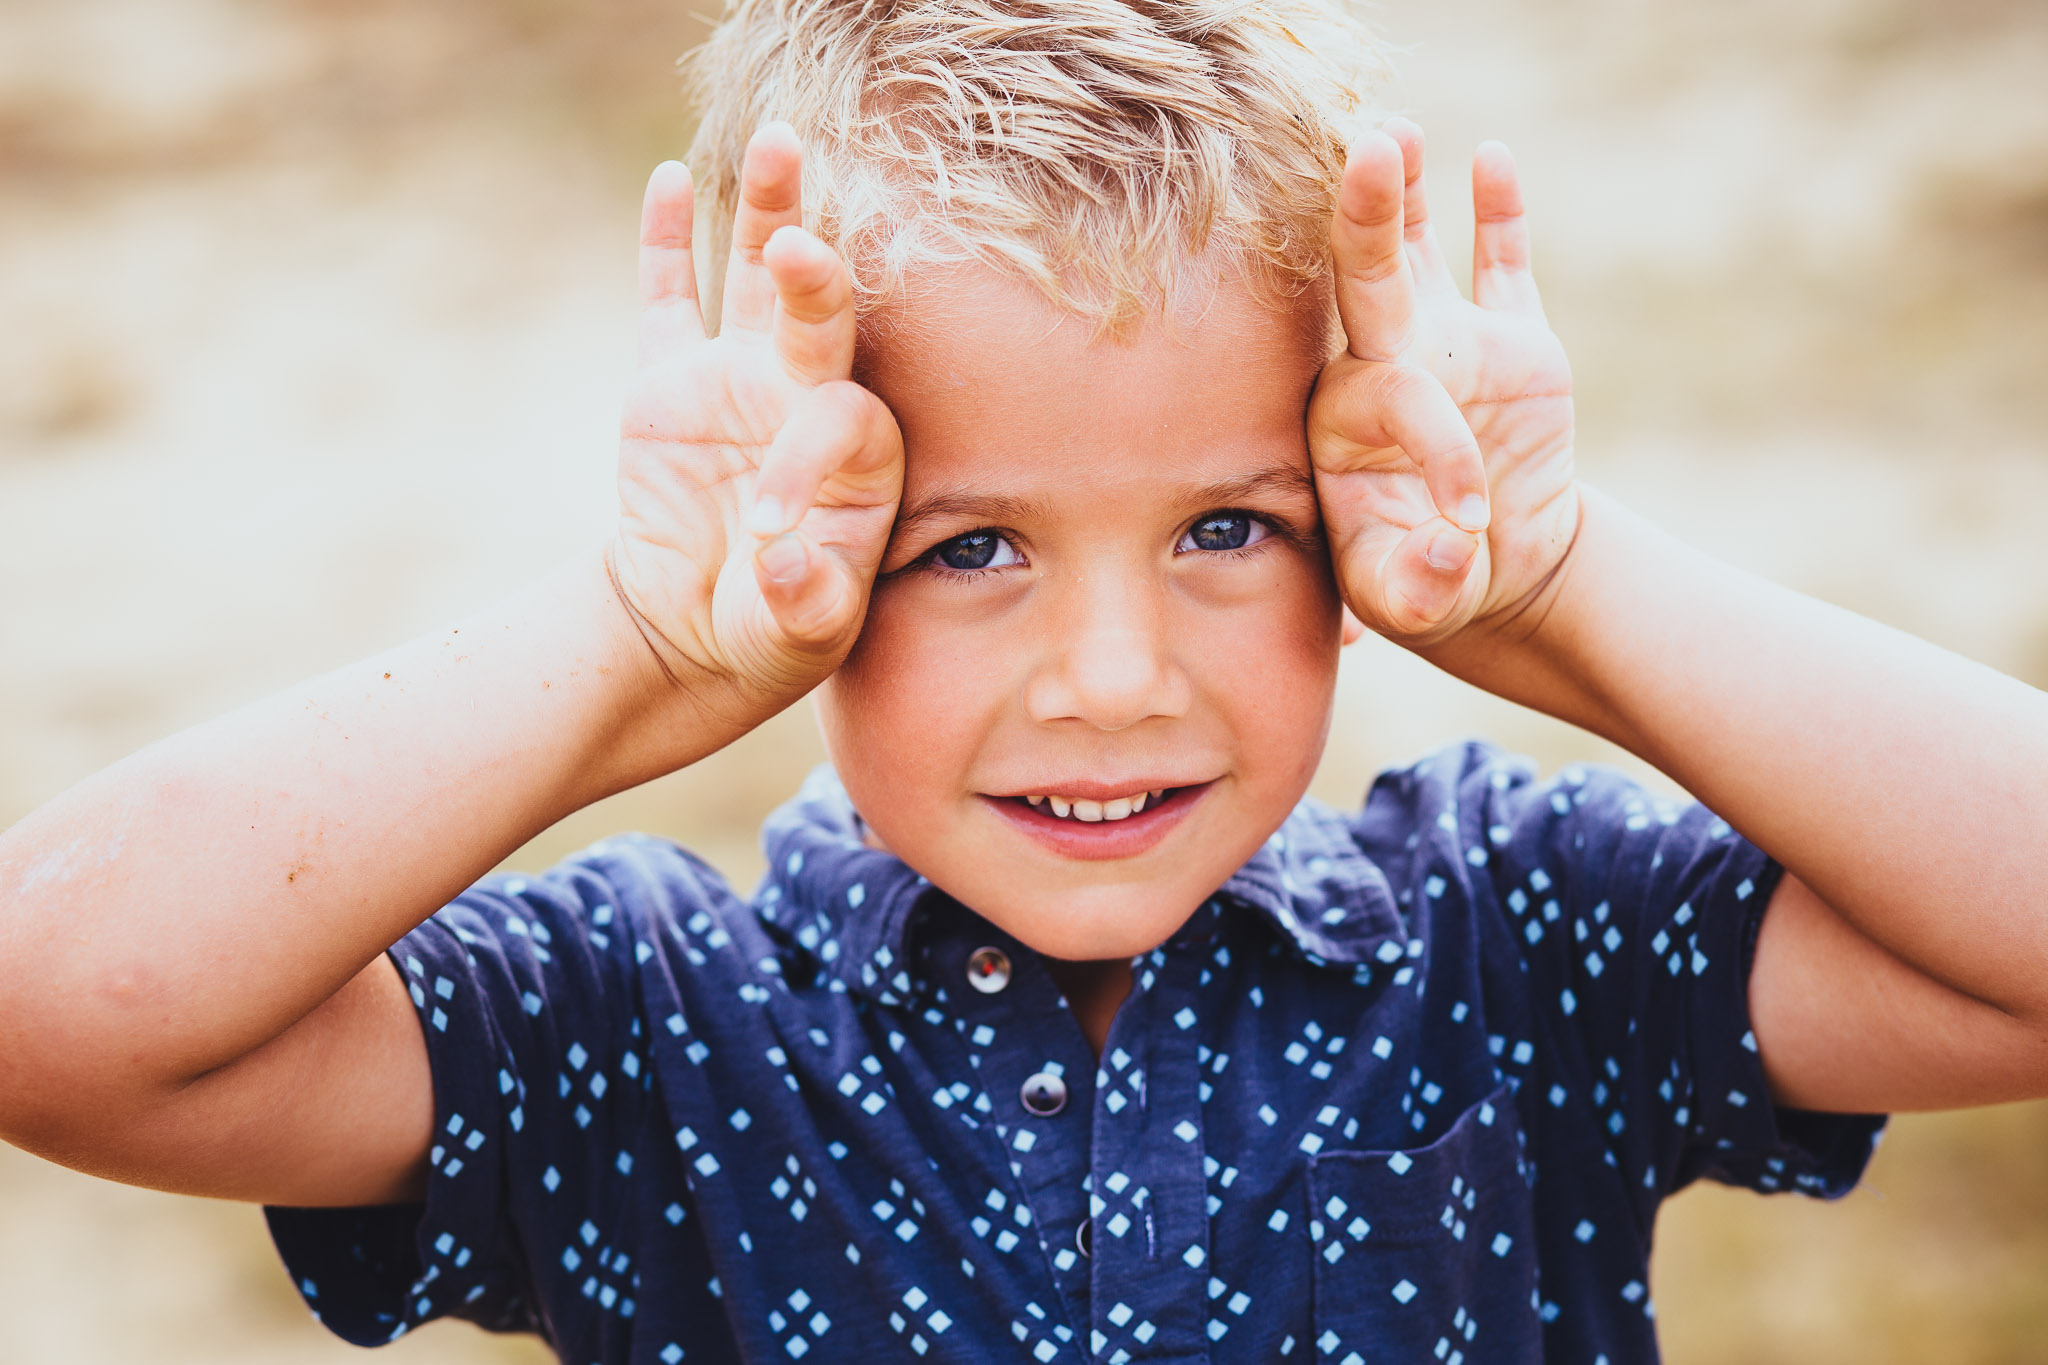 origineel portret fotograaf jongen